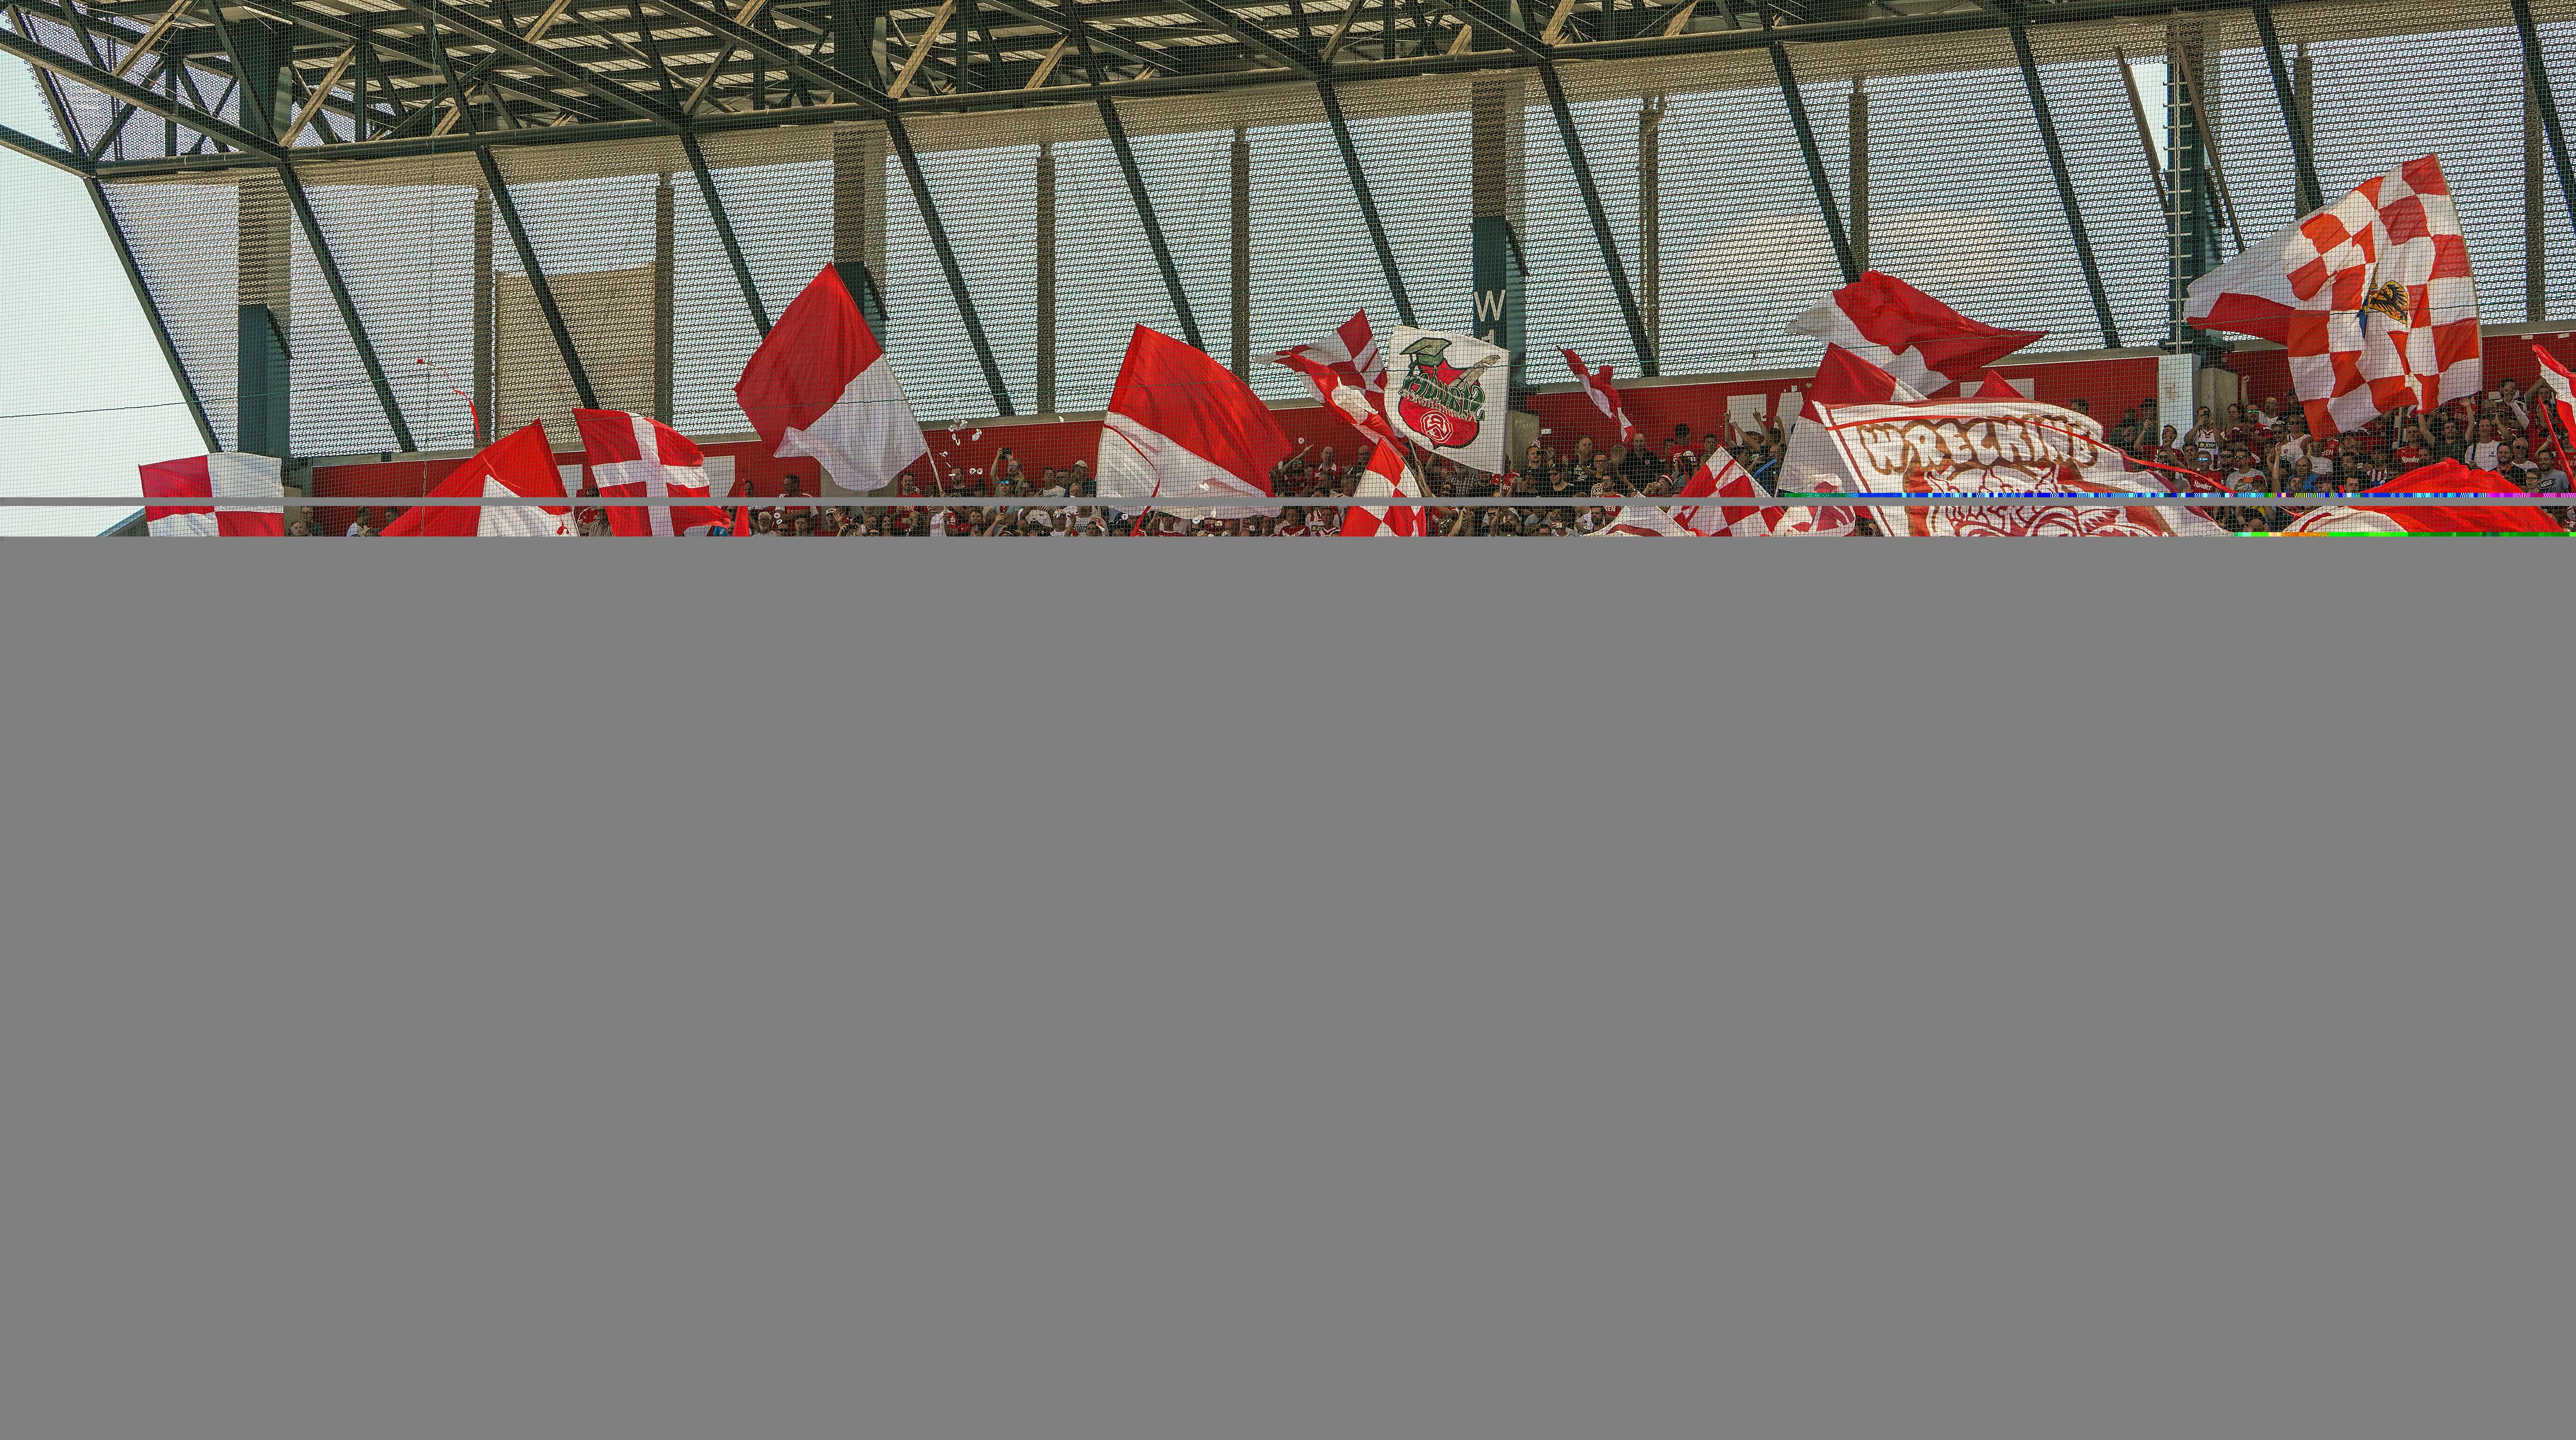 Am 6. September trifft Rot-Weiss Essen auf den KFC Uerdingen. (Foto: Gohl)